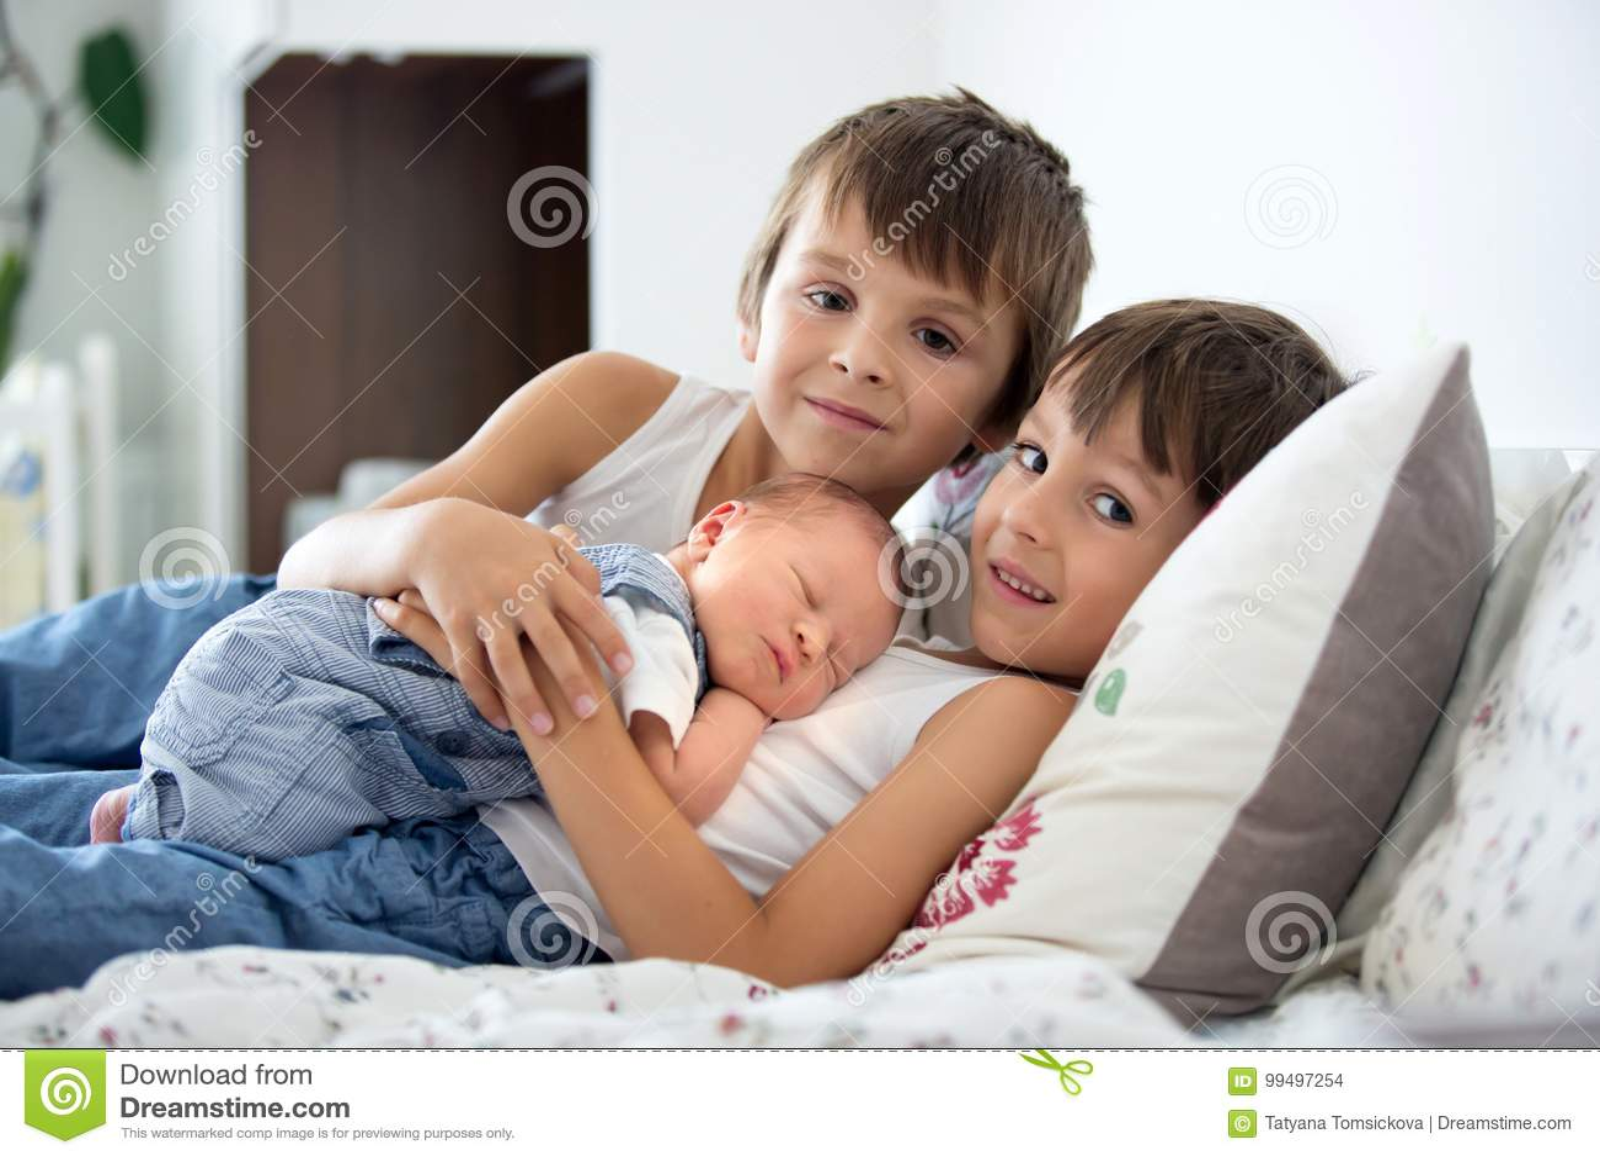 Kussen Voor Kinderen : Twee kinderen peuter en zijn grote broer het koesteren en het